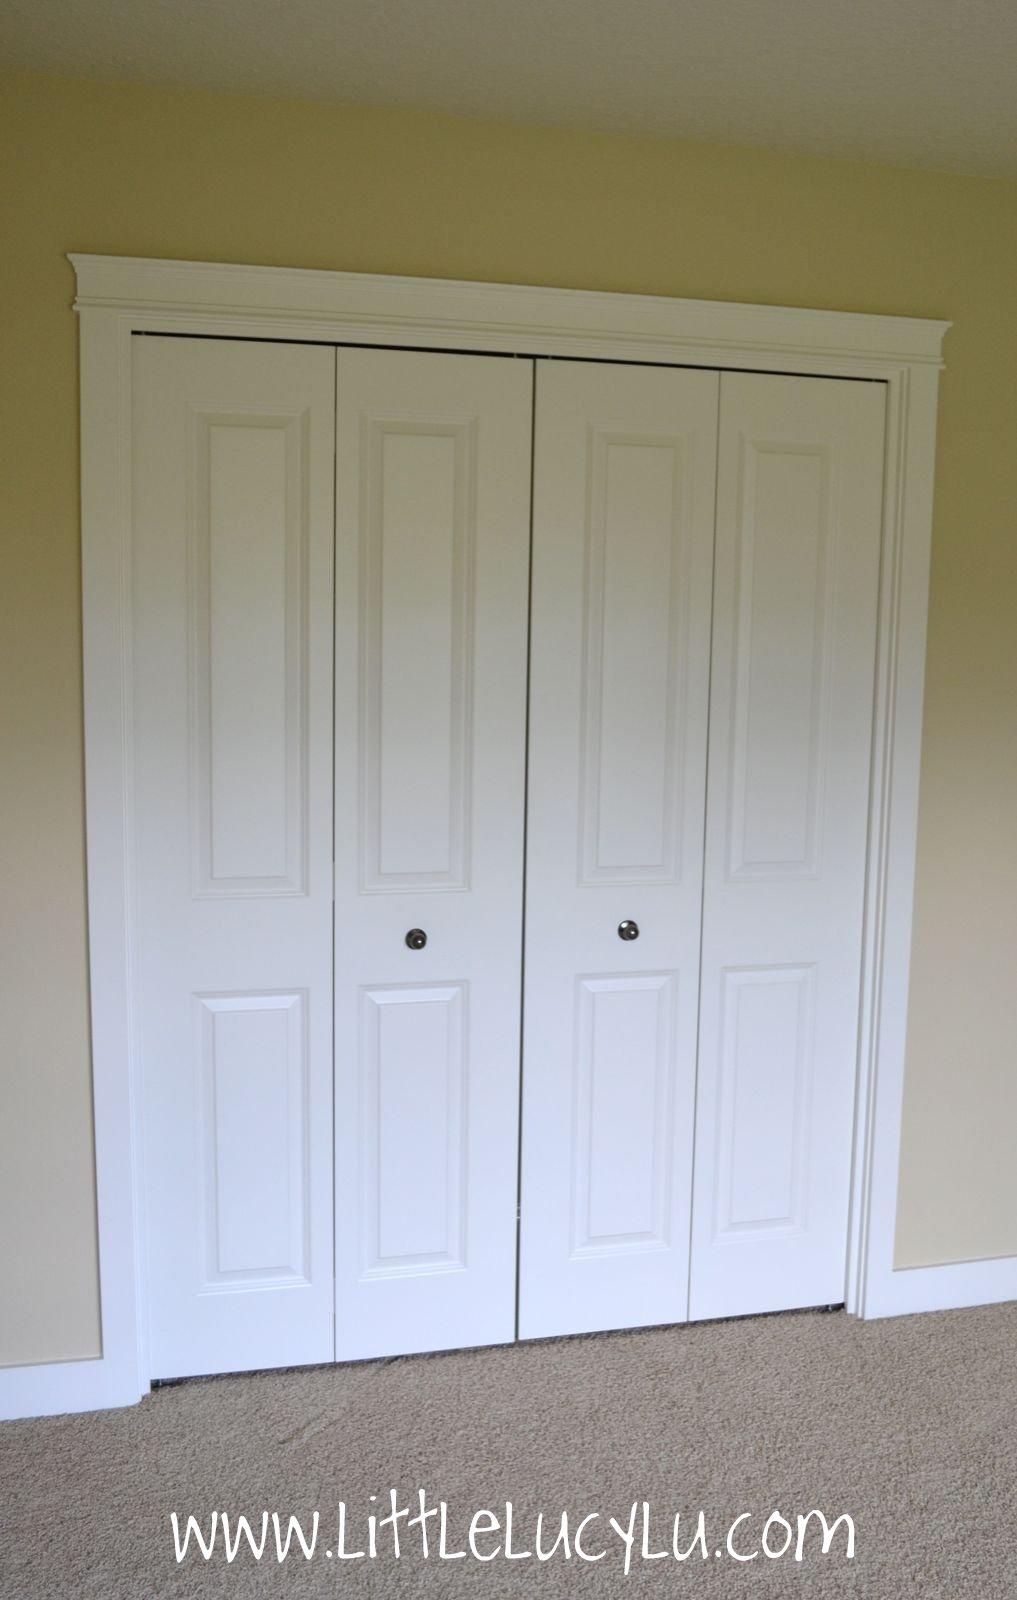 Folding Doors: Closet Folding Doors